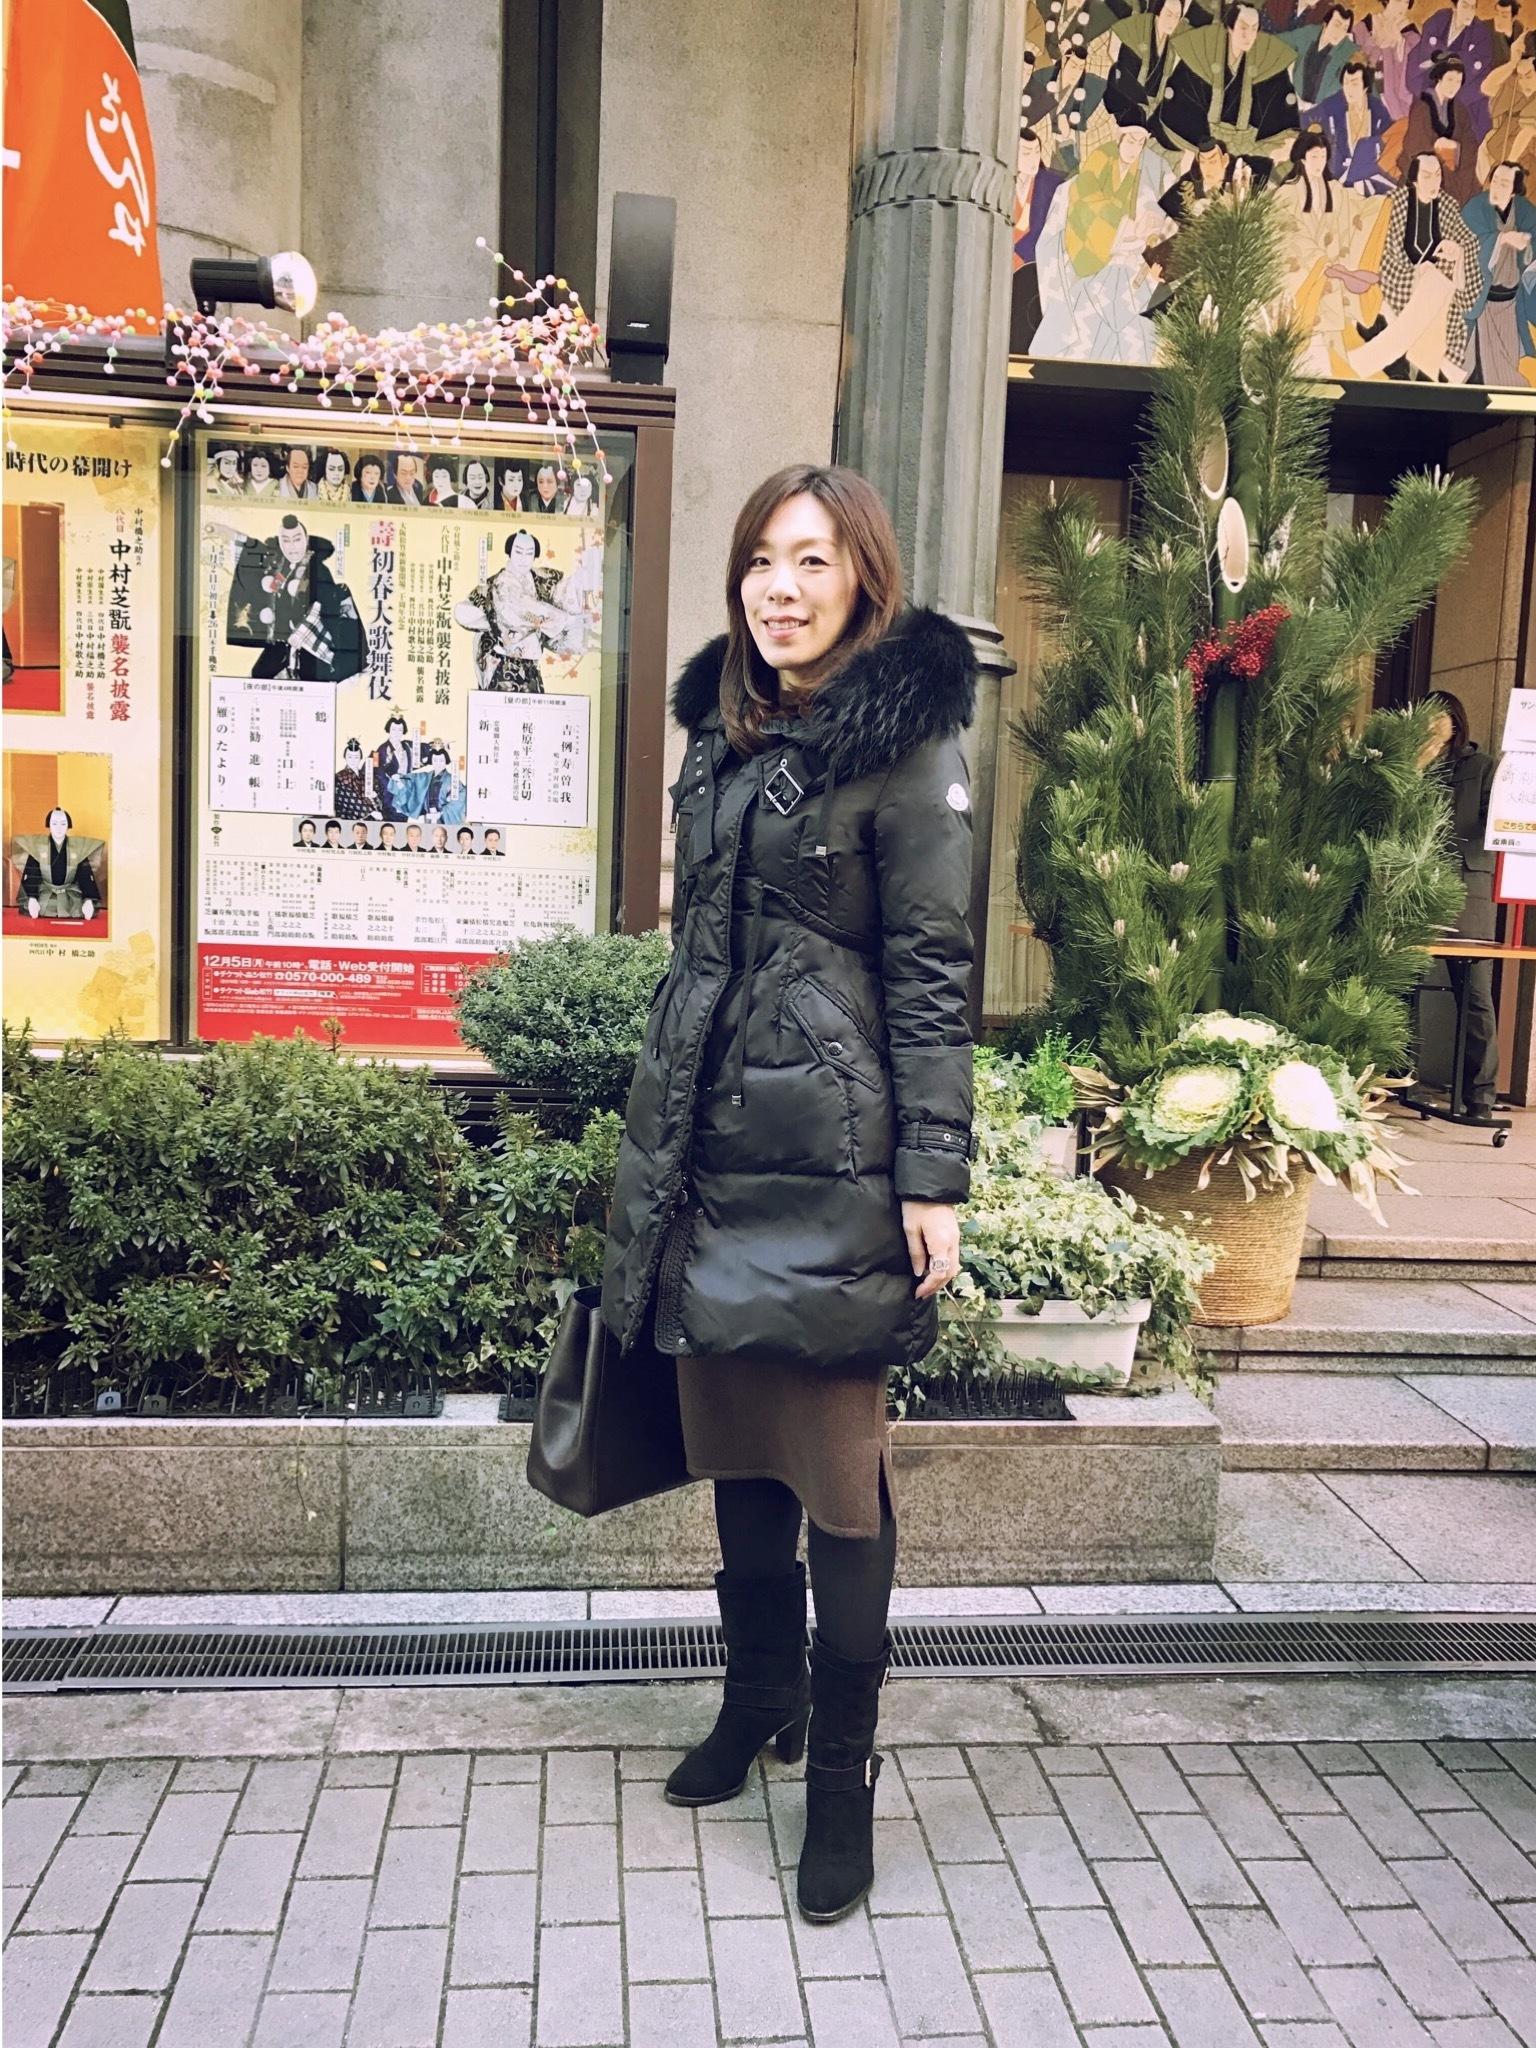 寒い日の歌舞伎観劇は、あったかダウンとニットワンピースで。_1_1